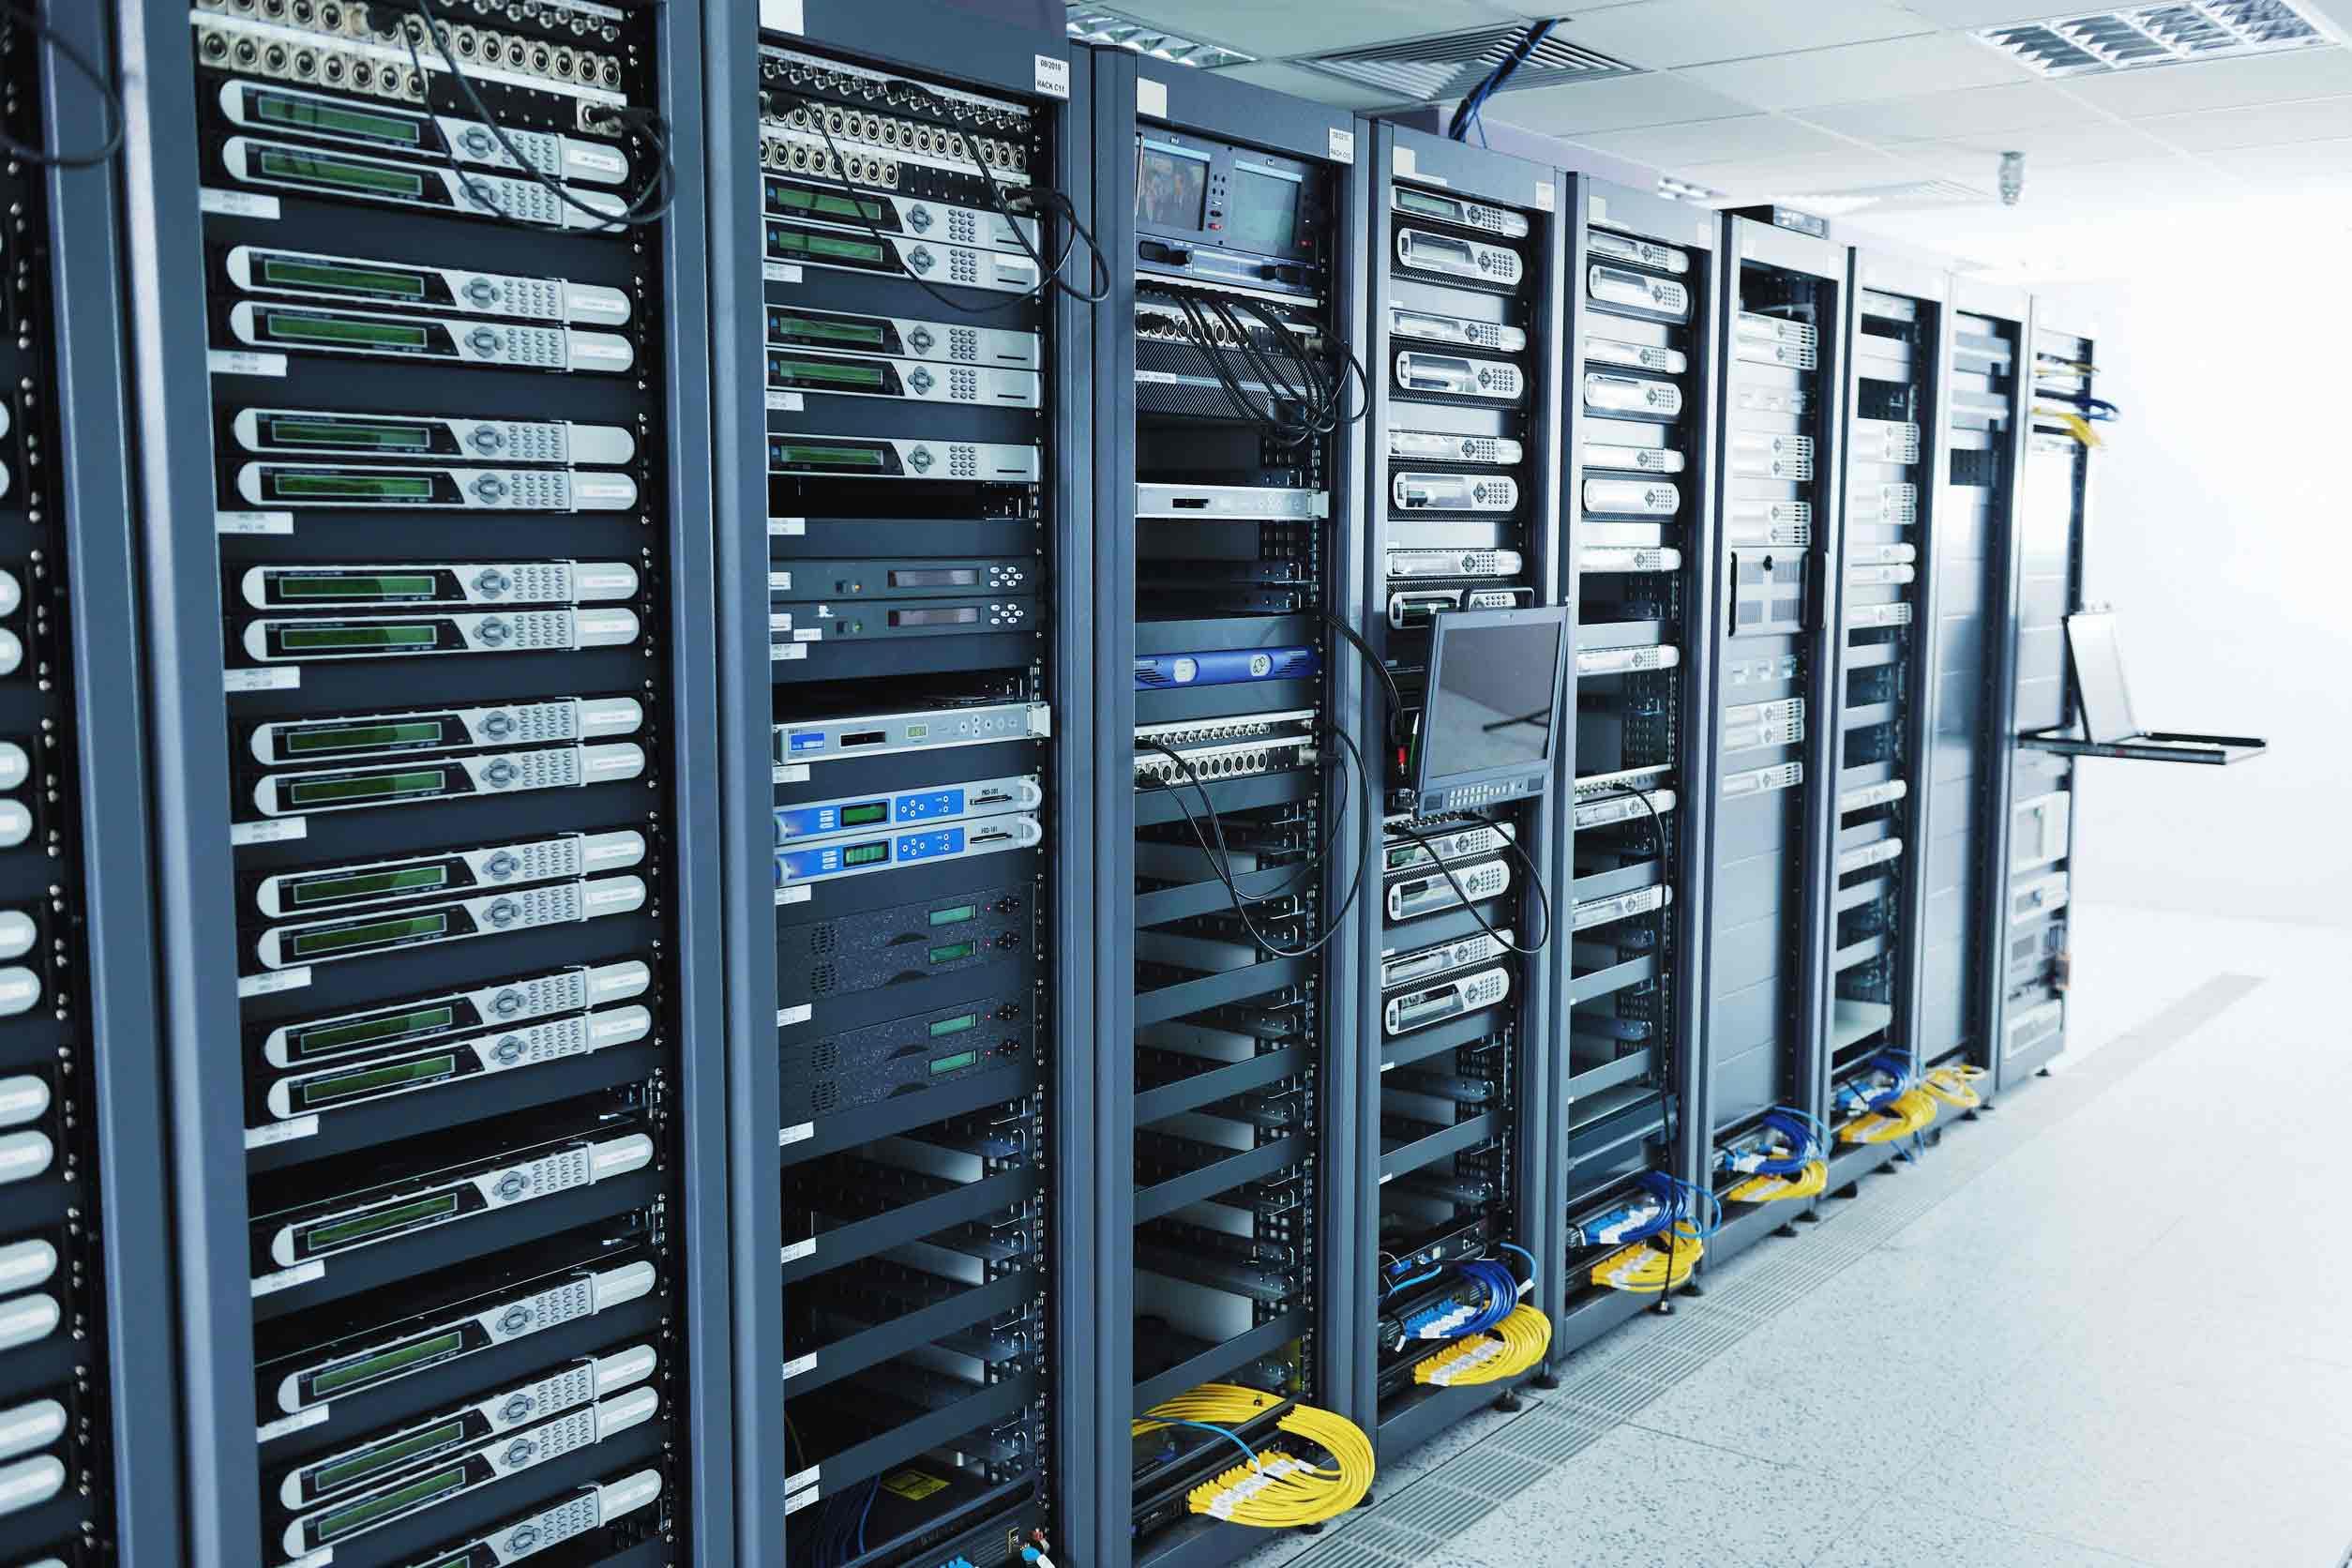 server space underground